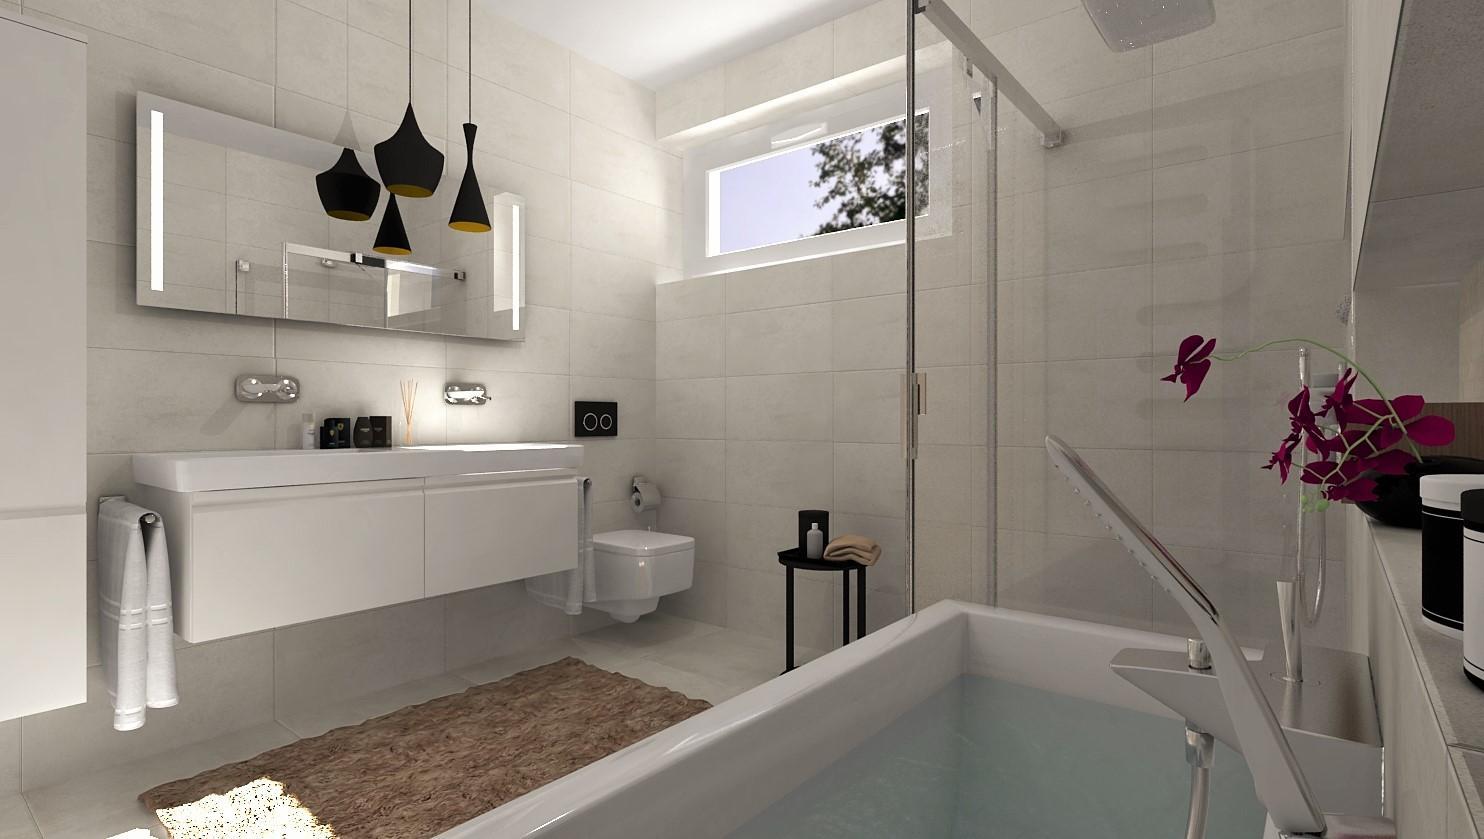 Návrhy a vizualizácie kúpeľní - Obrázok č. 89